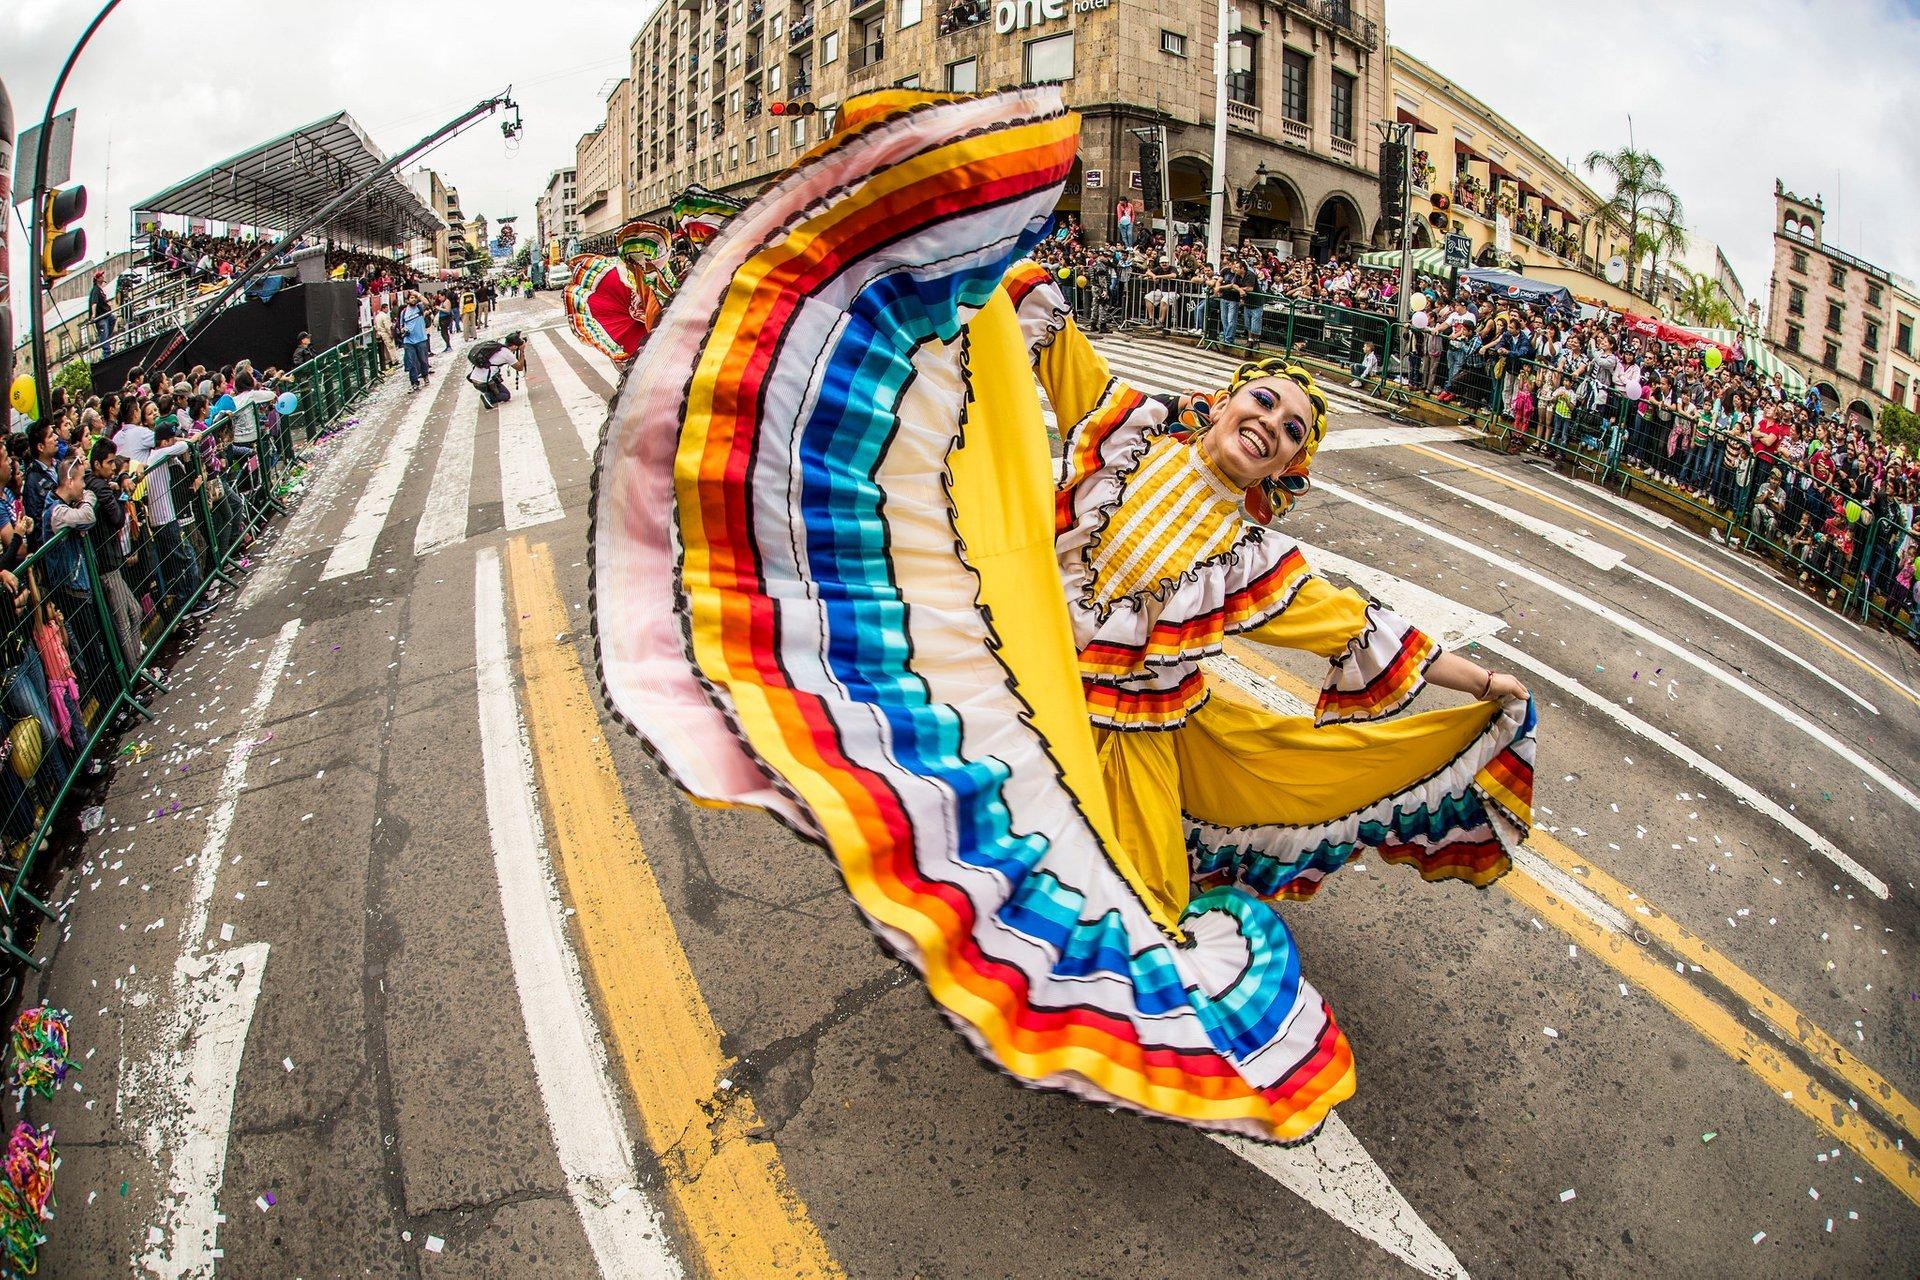 Fiestas de Octubre in Mexico 2020 - Best Time